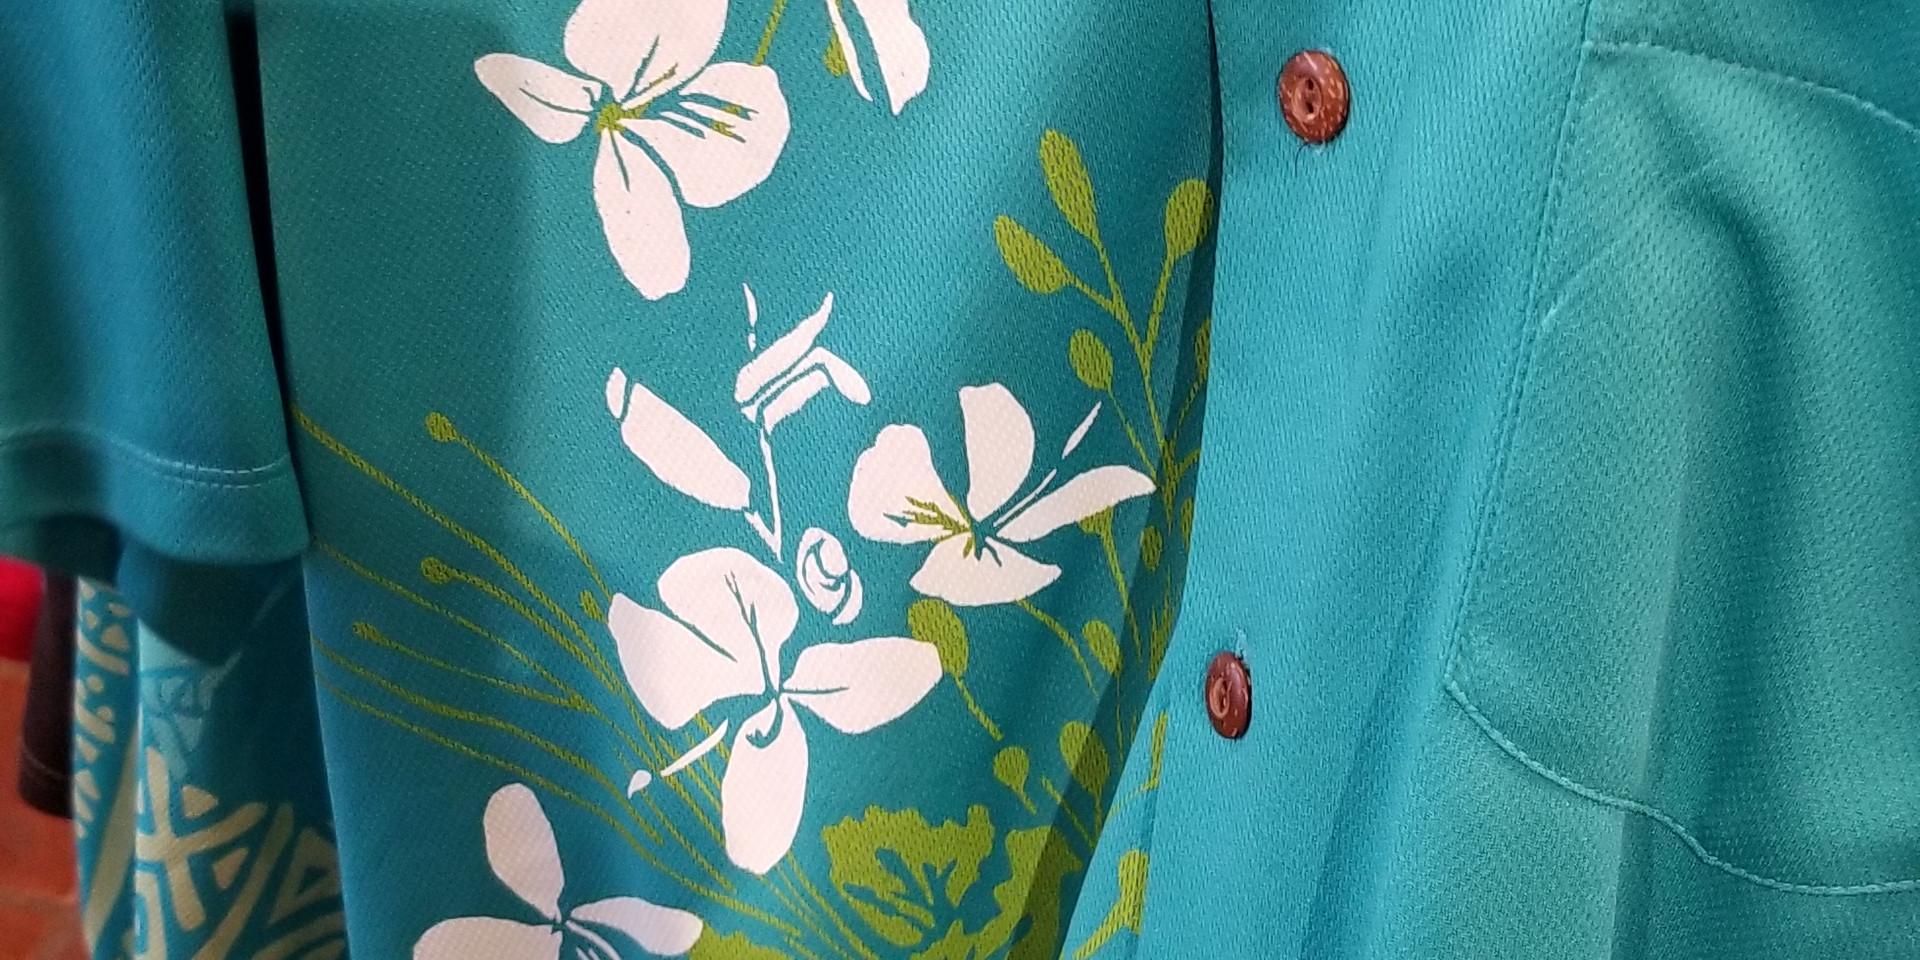 tourquoise ginger ohai alii.jpg